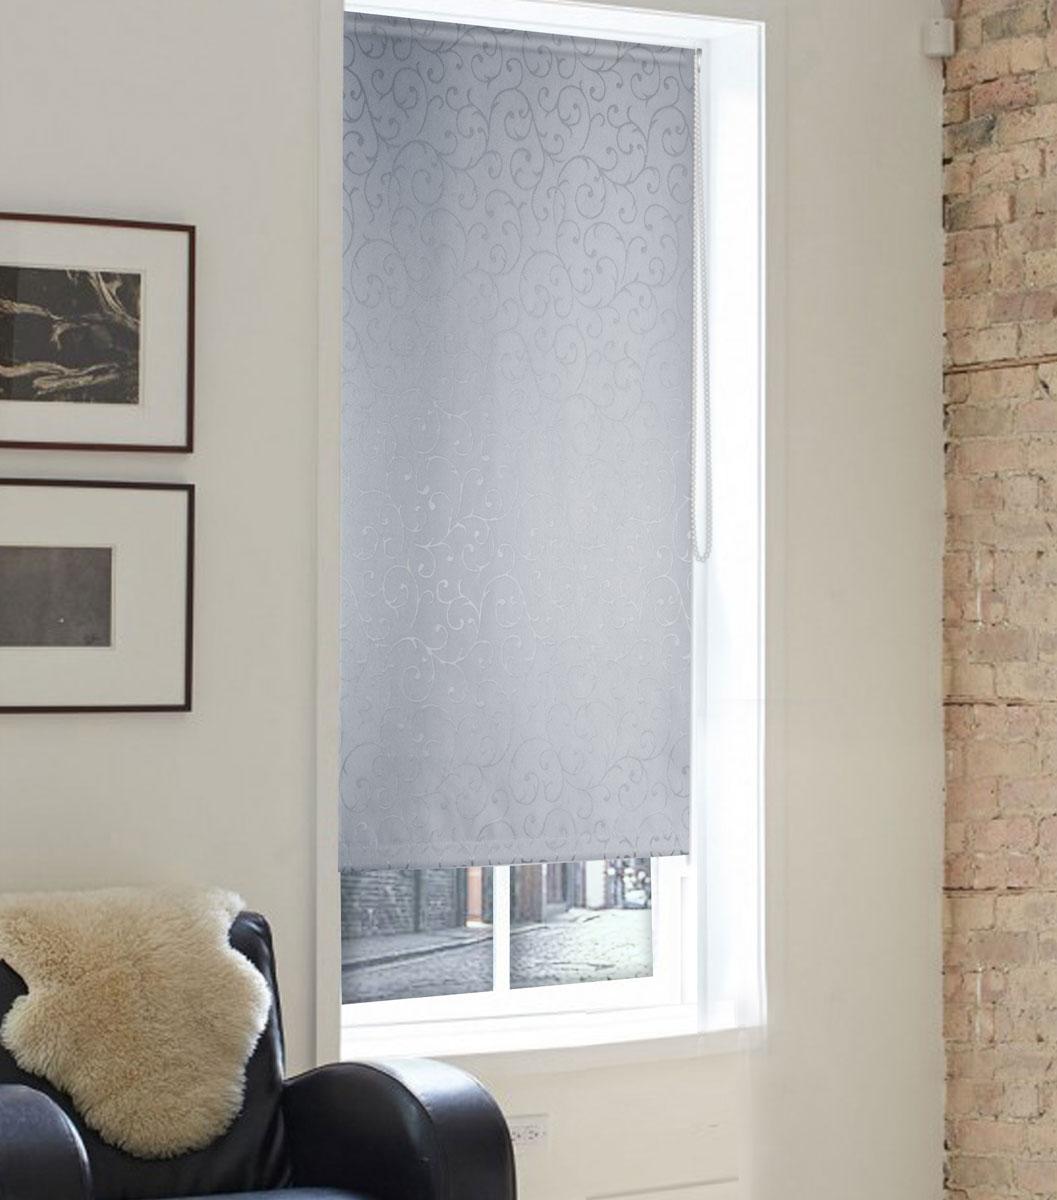 Штора рулонная Эскар Миниролло. Агат, фактурная, цвет: серый, ширина 37 см, высота 160 см39008052170Рулонная штора Эскар Миниролло. Агат выполнена из высокопрочной ткани, которая сохраняет свой размер даже при намокании. Ткань не выцветает и обладает отличной цветоустойчивостью.Миниролло - это подвид рулонных штор, который закрывает не весь оконный проем, а непосредственно само стекло. Такие шторы крепятся на раму без сверления при помощи зажимов или клейкой двухсторонней ленты. Окно остается на гарантии, благодаря монтажу без сверления. Такая штора станет прекрасным элементом декора окна и гармонично впишется в интерьер любого помещения.